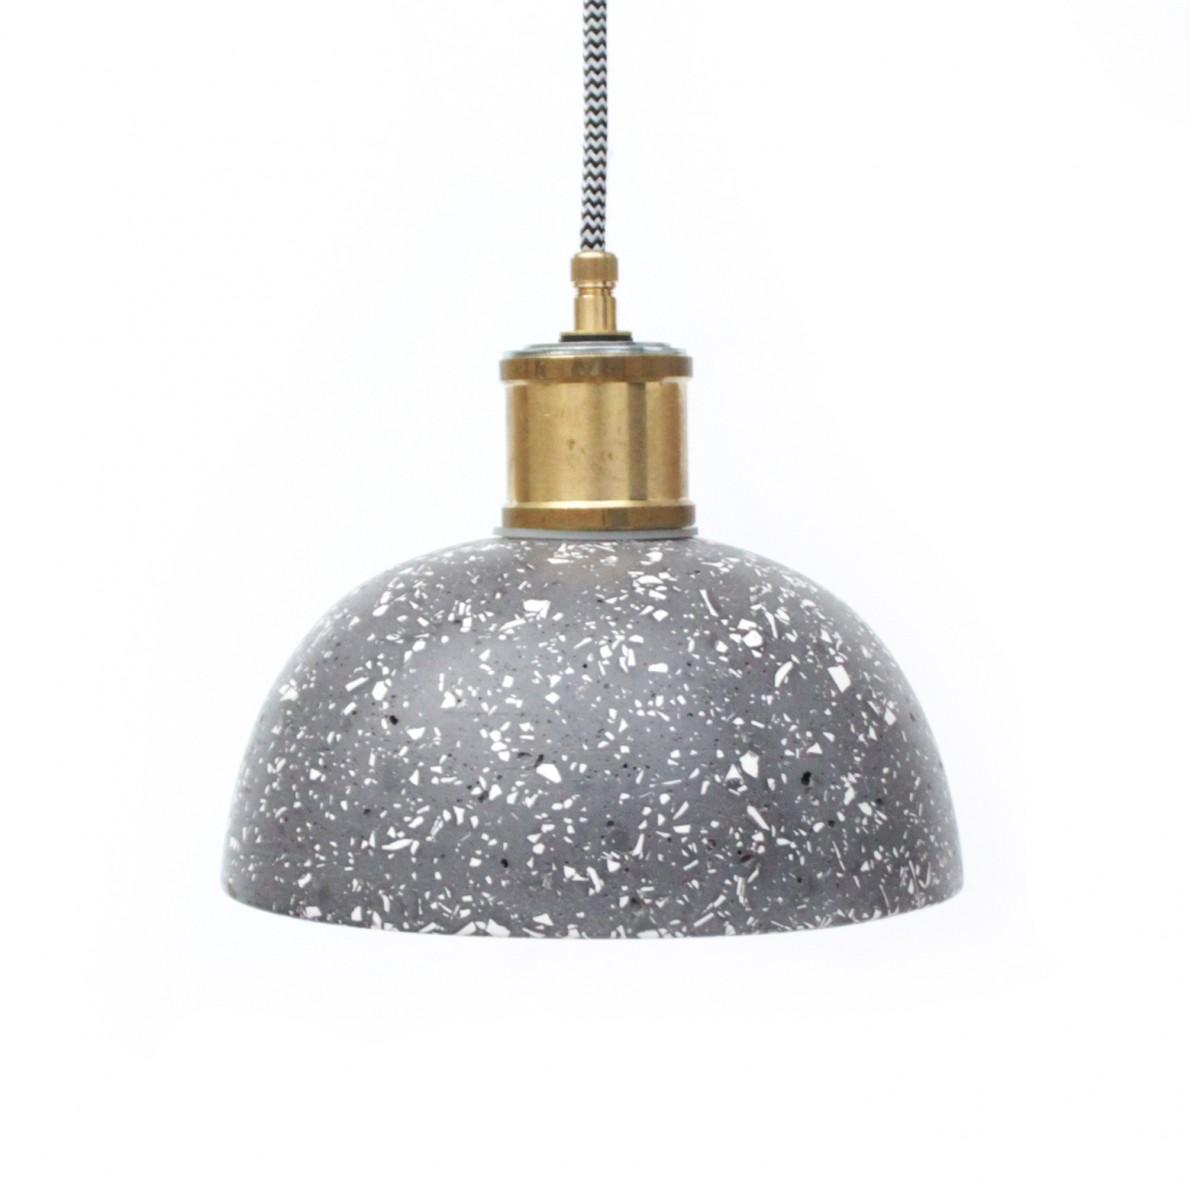 Terrazzo Hängelampe / Leuchte schwarz-weiß  / objet vague